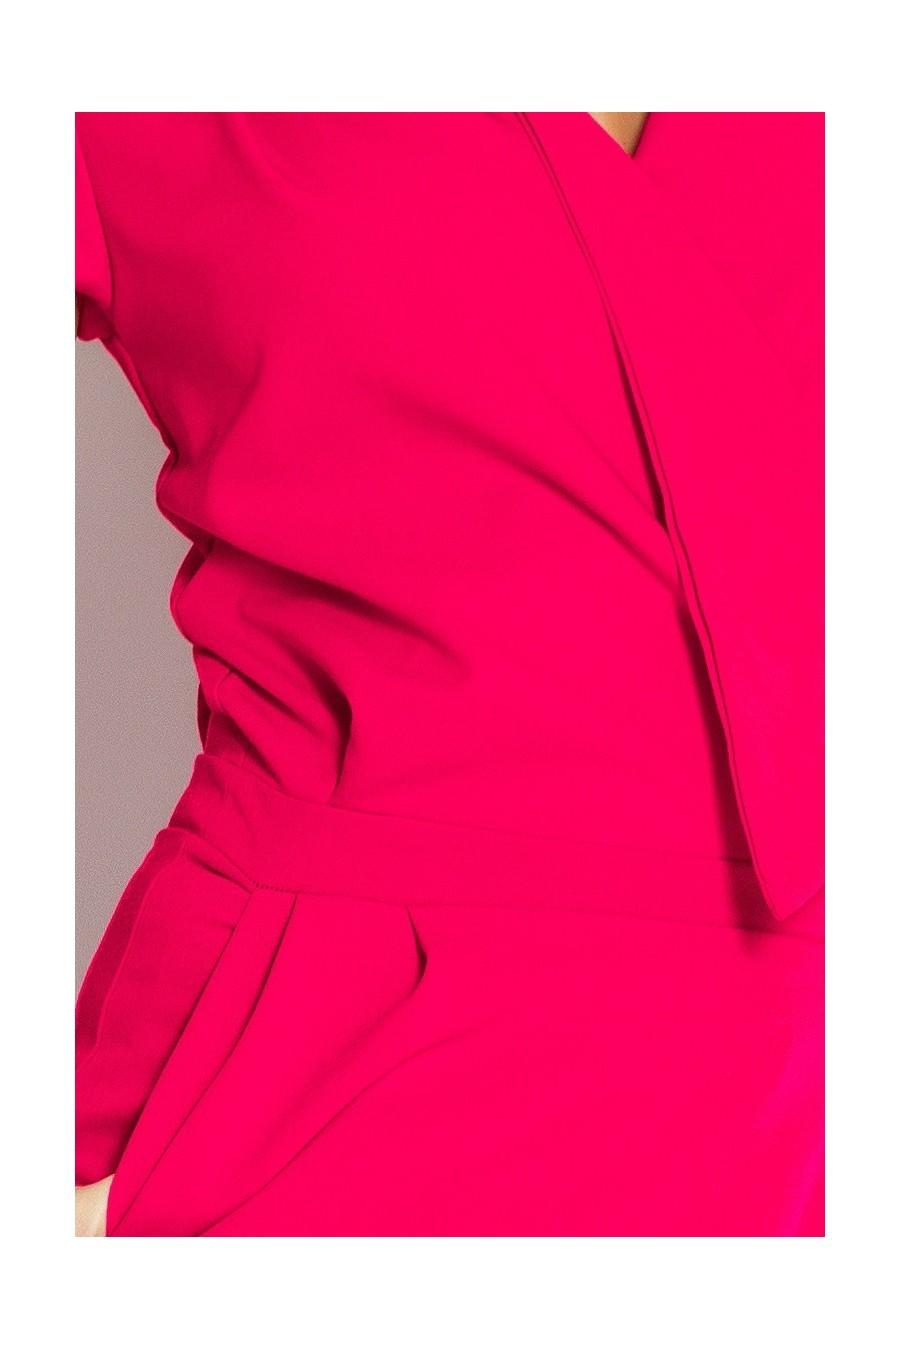 Šaty předpokládat, výstřih - ruzová 94-9